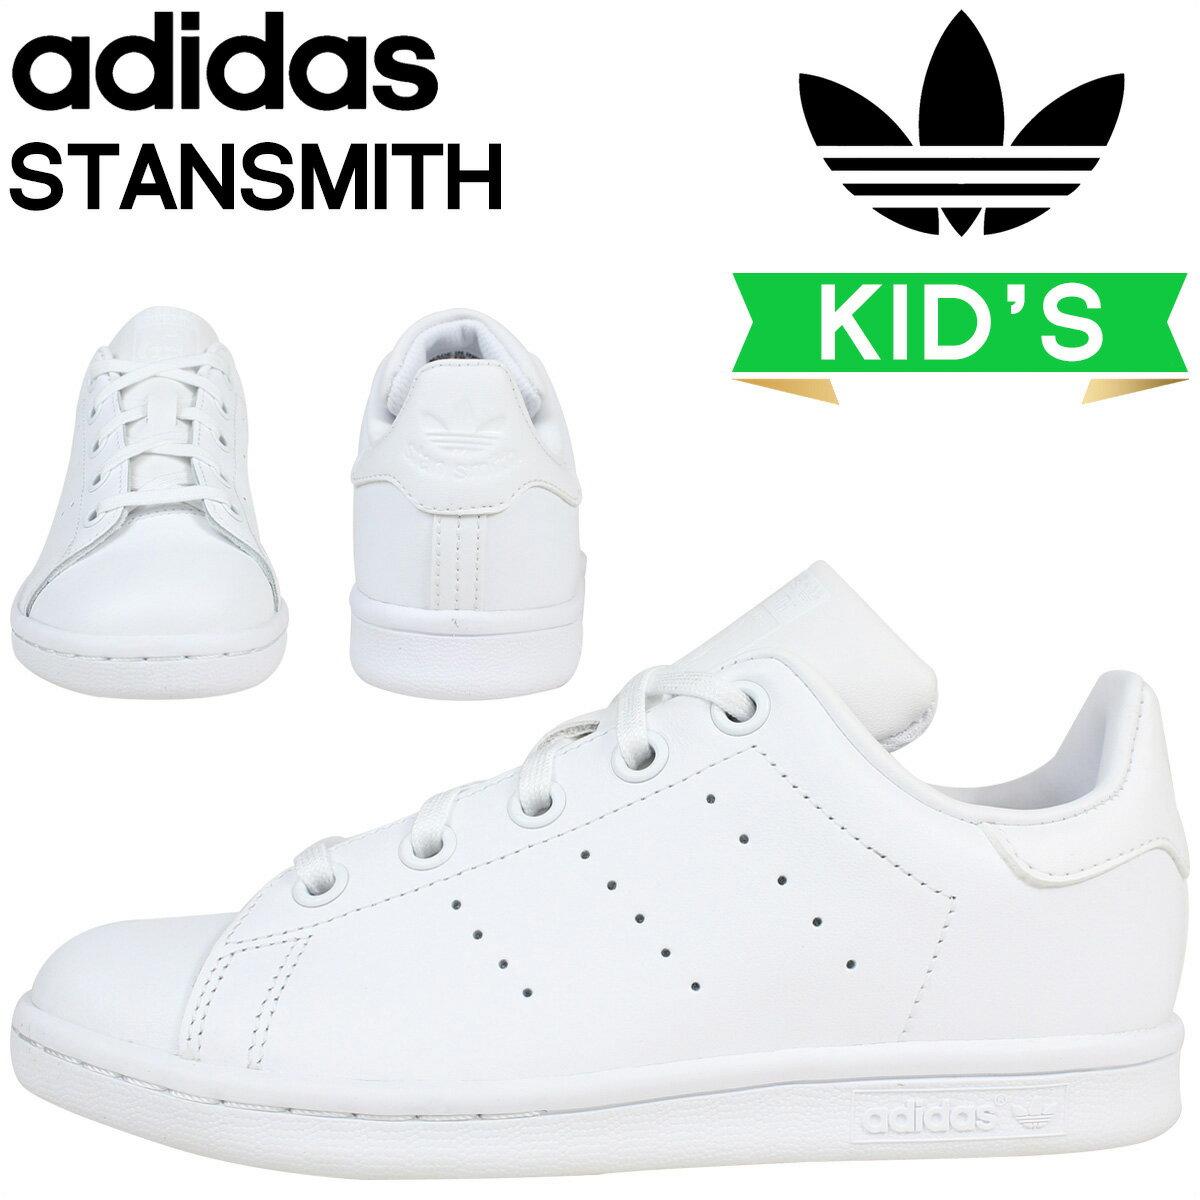 adidas アディダス スタンスミス スニーカー キッズ STAN SMITH EL C BA8388 靴 ホワイト